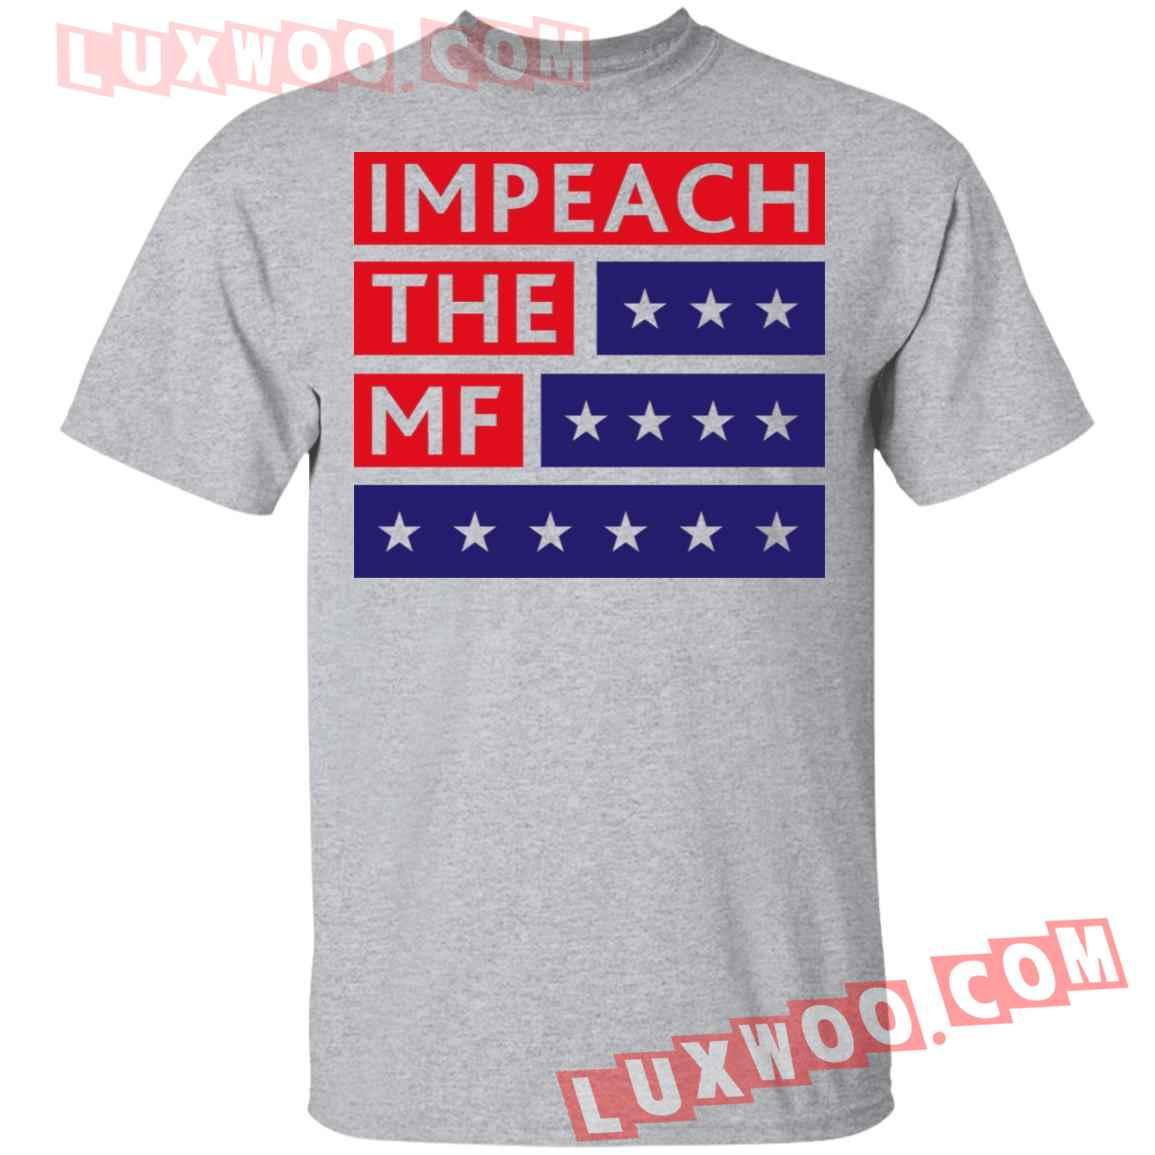 Impeach The Mf White Shirt